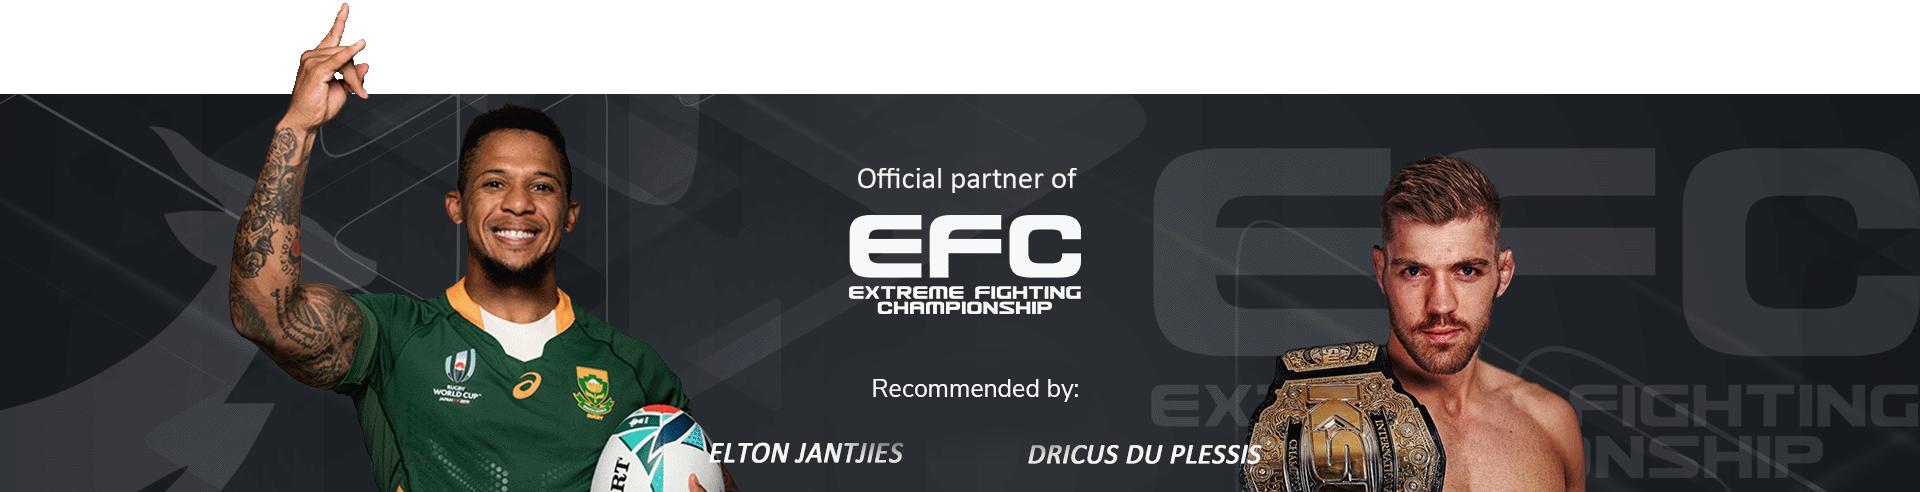 efc-new